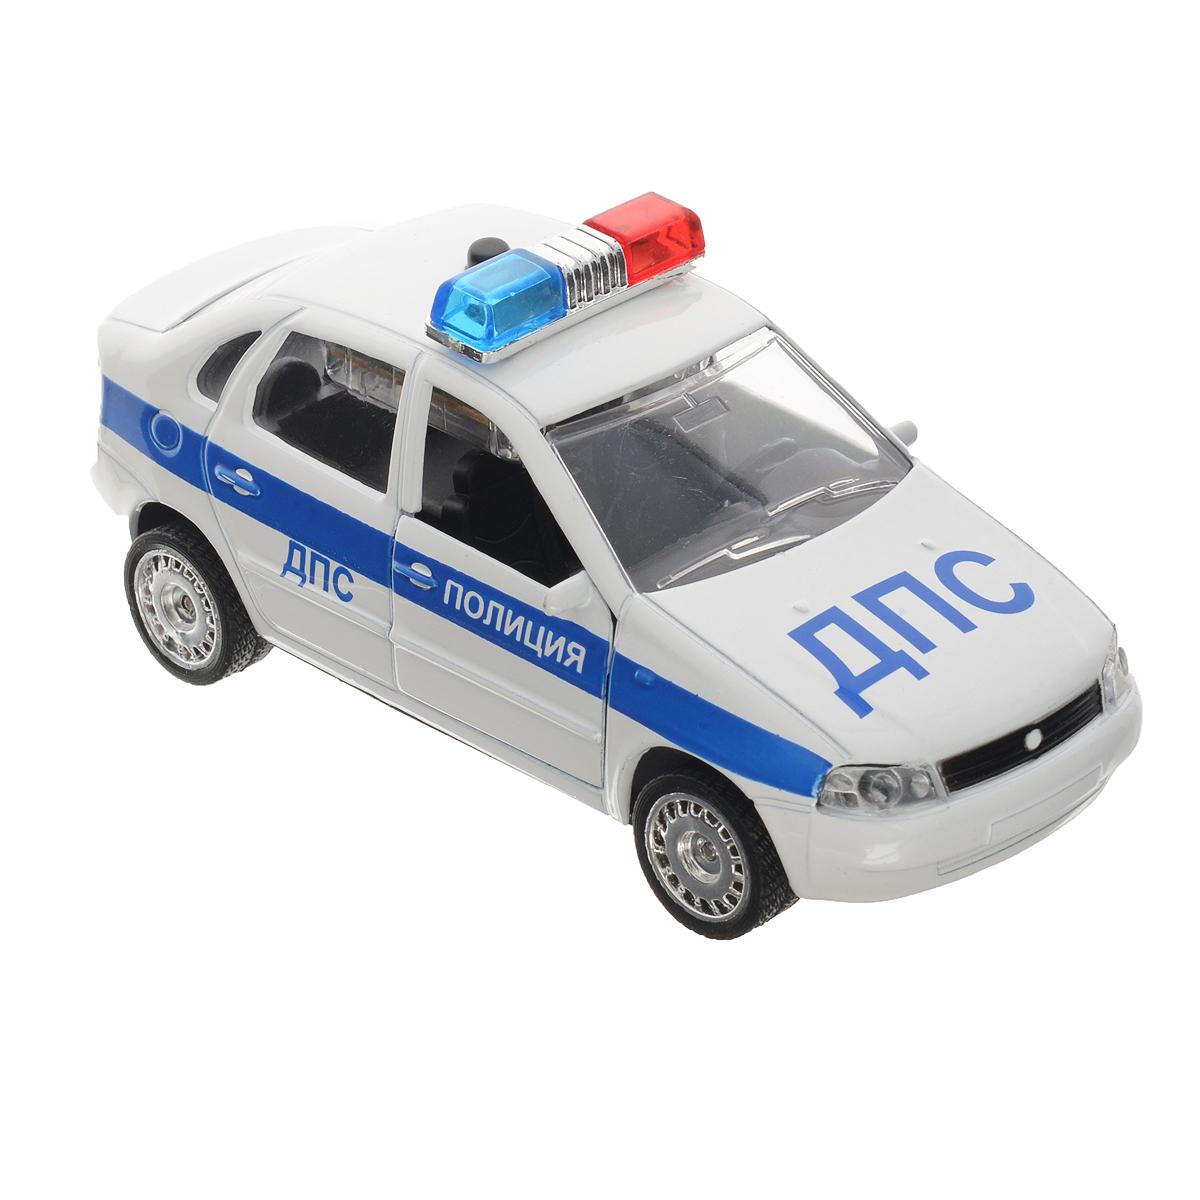 ТехноПарк Машинка инерционная Лада Калина ДПСCT-1049WB-10Инерционная машинка ТехноПарк Лада Калина: ДПС, выполненная из пластика и металла, станет любимой игрушкой вашего малыша. Игрушка представляет собой модель полицейского автомобиля марки Лада Калина. Дверцы кабины открываются. При нажатии на кнопку на крыше модели замигают проблесковые маячки и прозвучат звуки сирены и команды полицейского. Игрушка оснащена инерционным ходом. Машинку необходимо отвести назад, затем отпустить - и она быстро поедет вперед. Прорезиненные колеса обеспечивают надежное сцепление с любой гладкой поверхностью. Ваш ребенок будет часами играть с этой машинкой, придумывая различные истории. Порадуйте его таким замечательным подарком! Машинка работает от батареек (товар комплектуется демонстрационными).